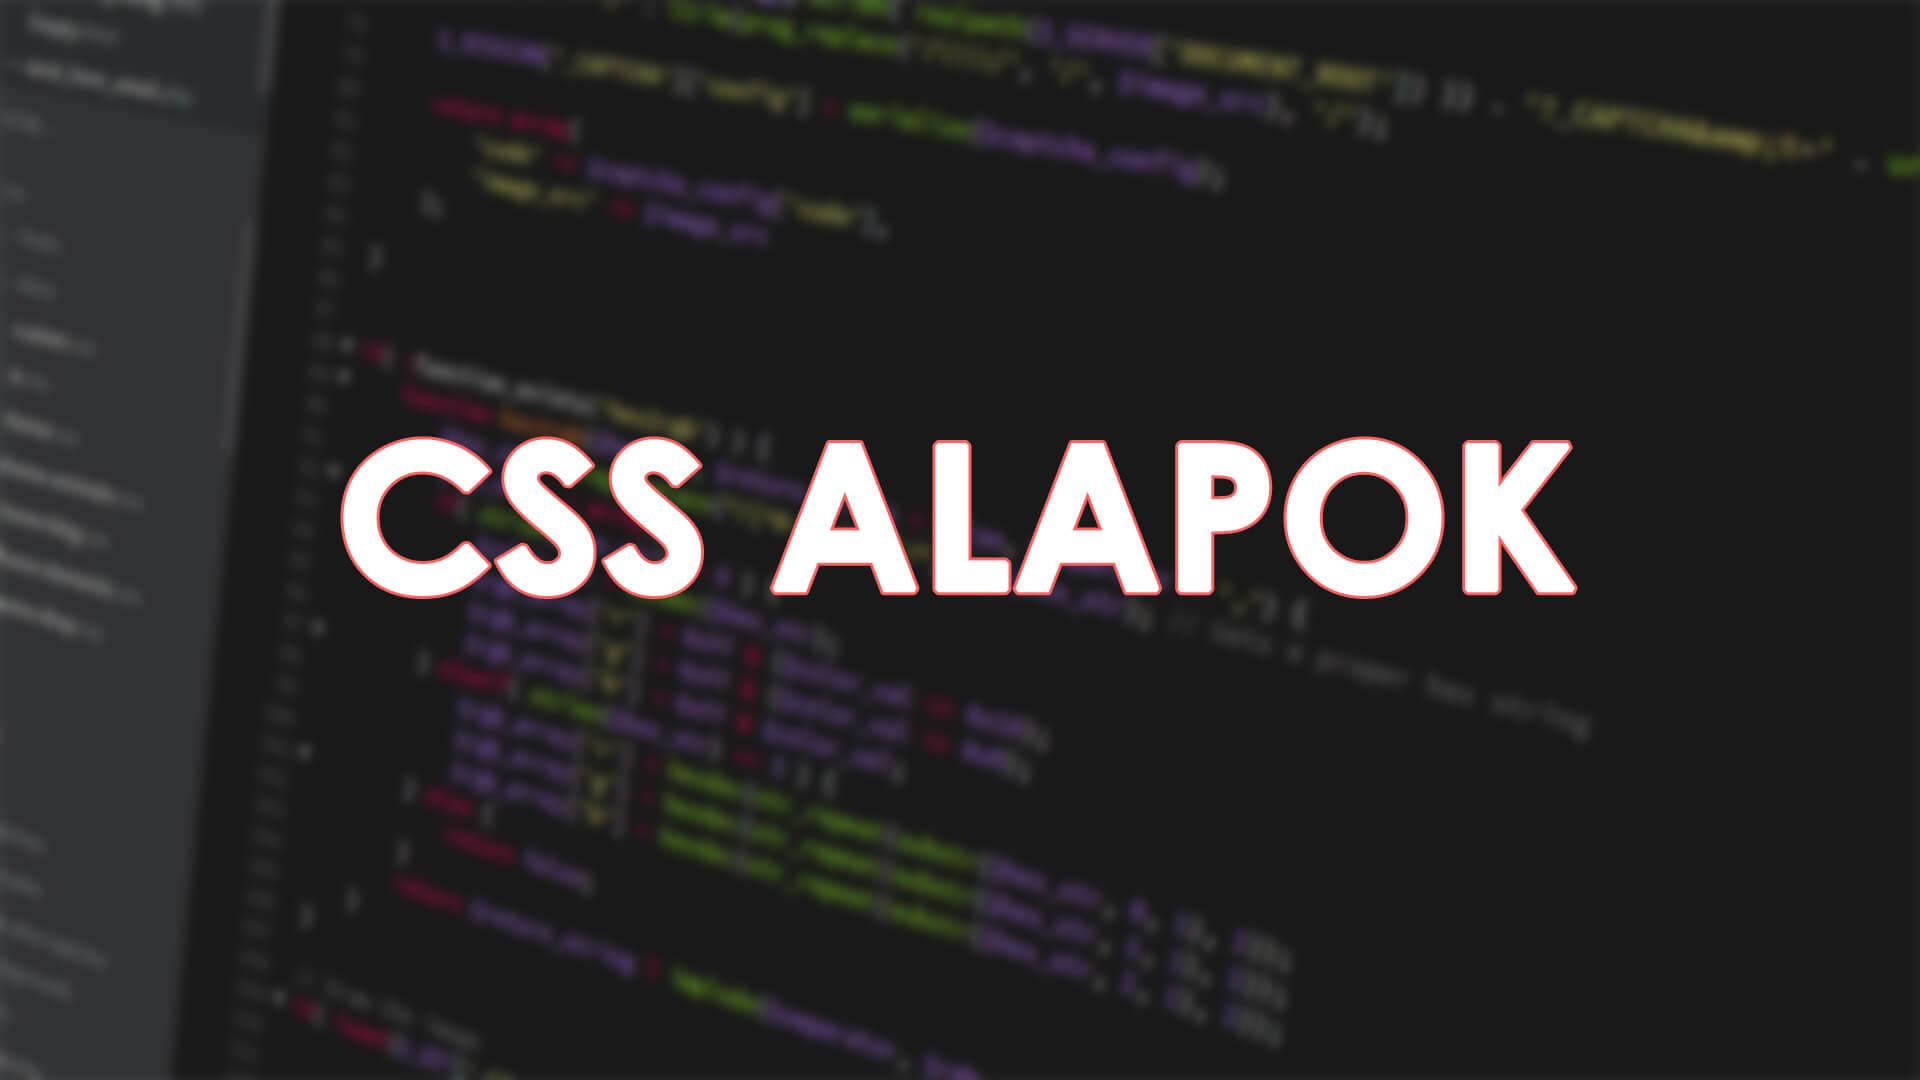 CSS alapok (A CSS alapjainak összefoglalója) című cikk nyitóképe